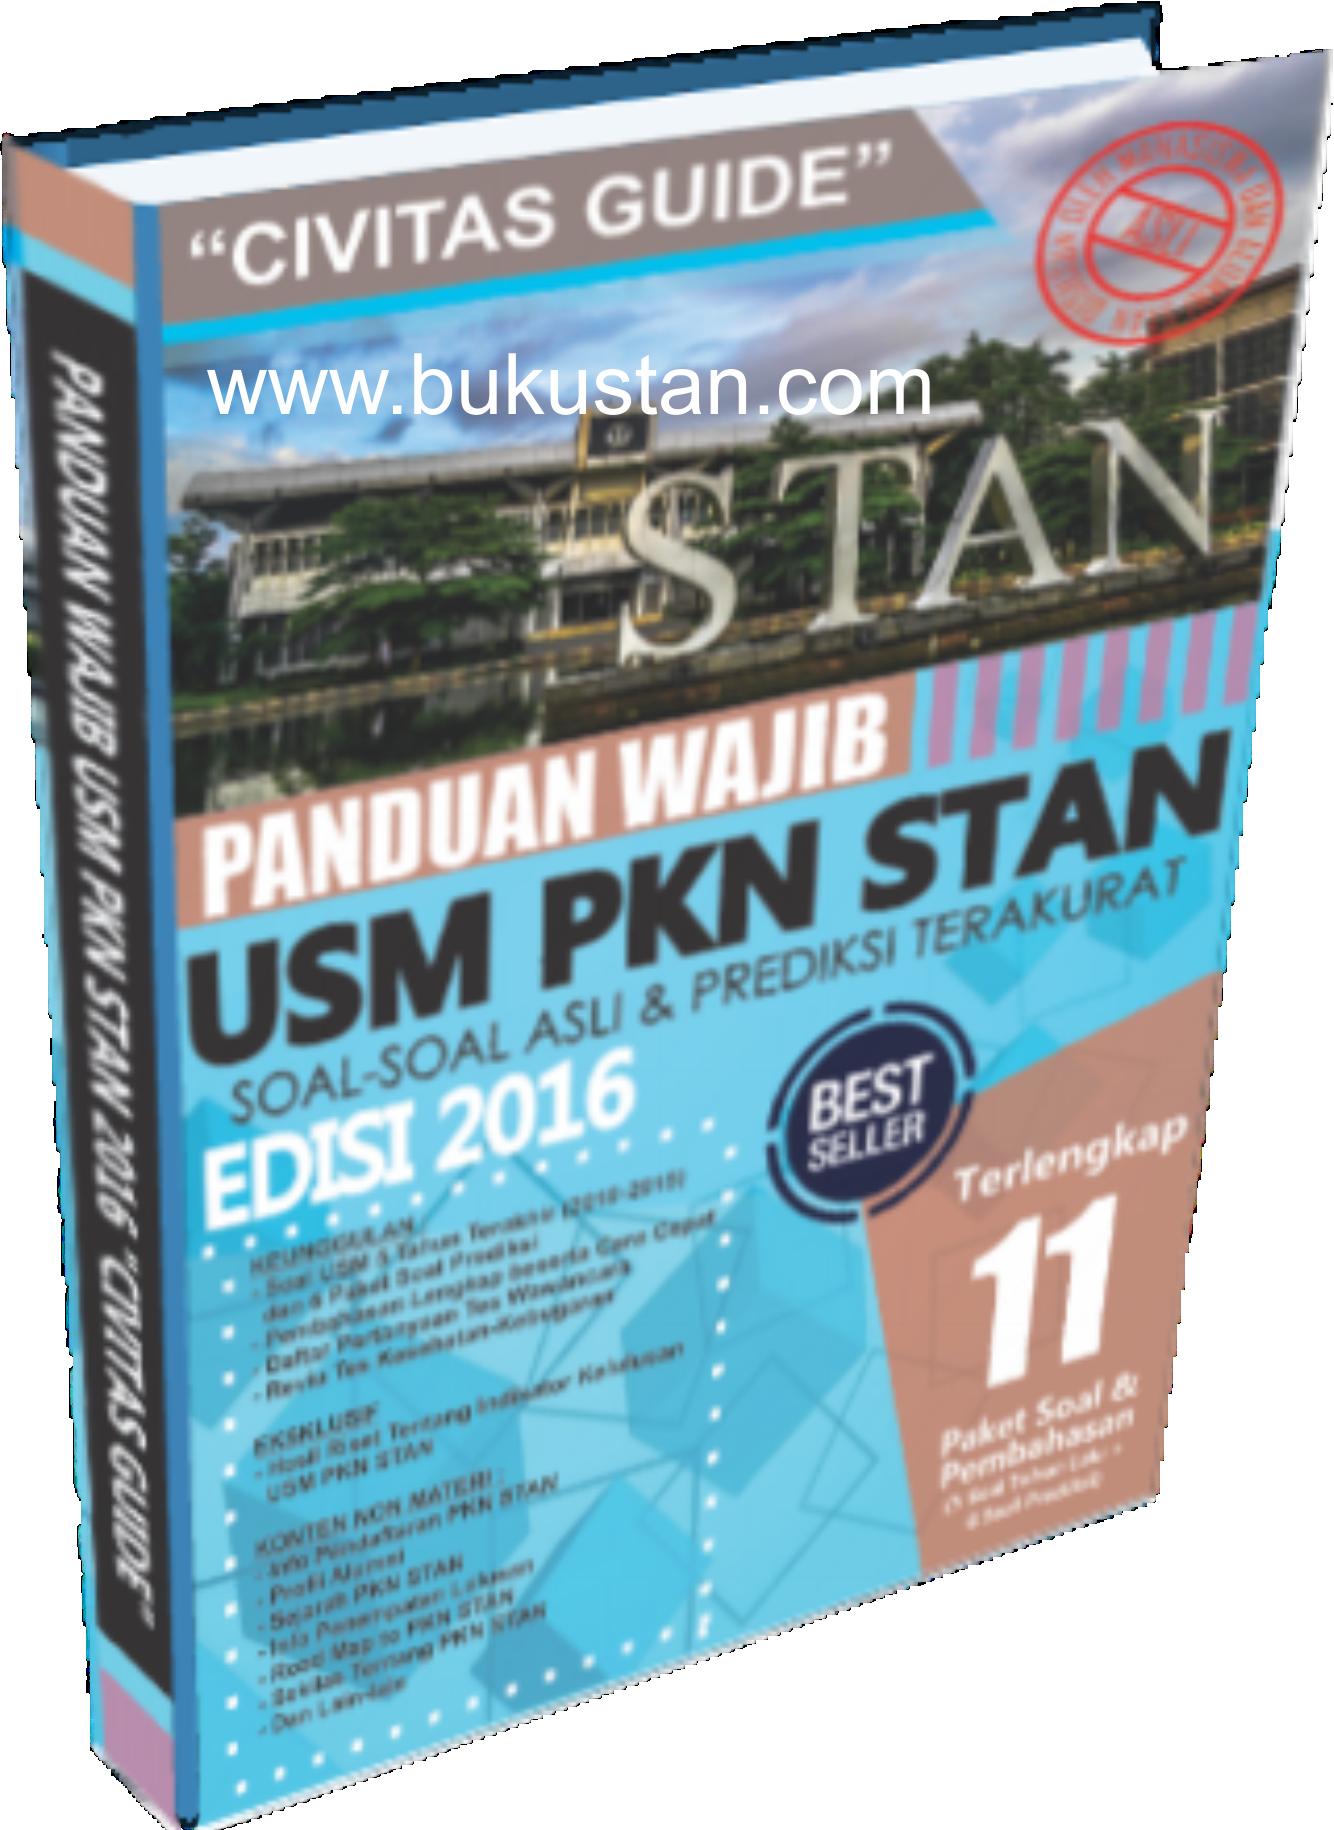 Buku Usm Pkn Stan 2016